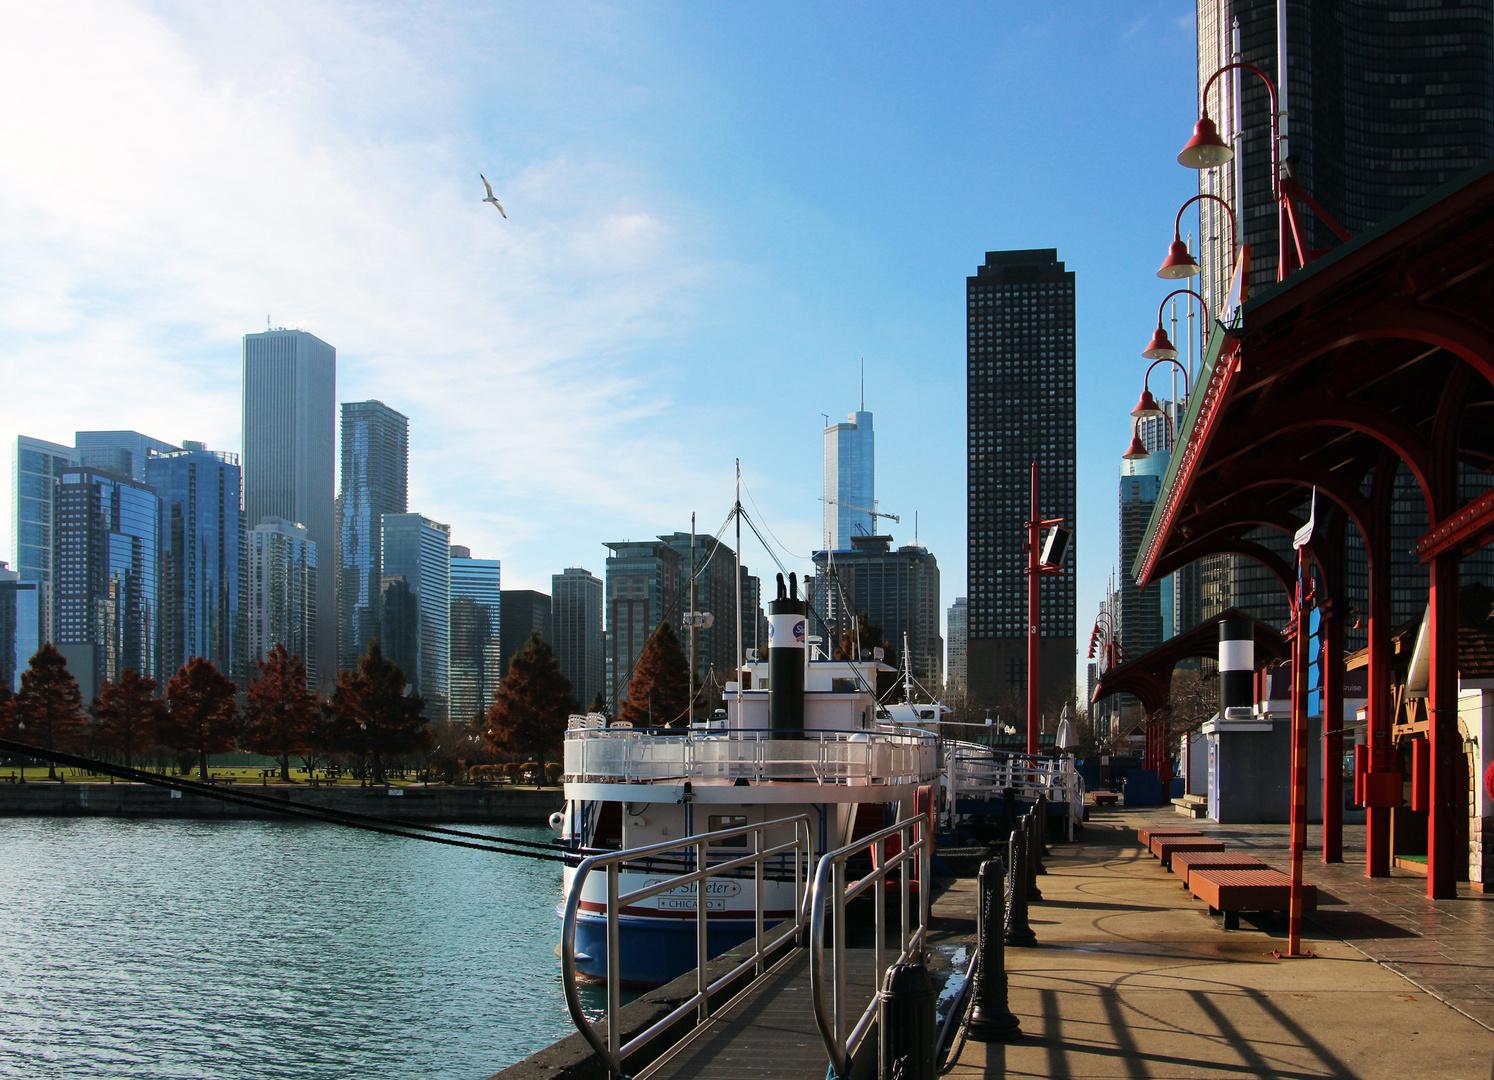 Sonntag-Morgen in Chicago